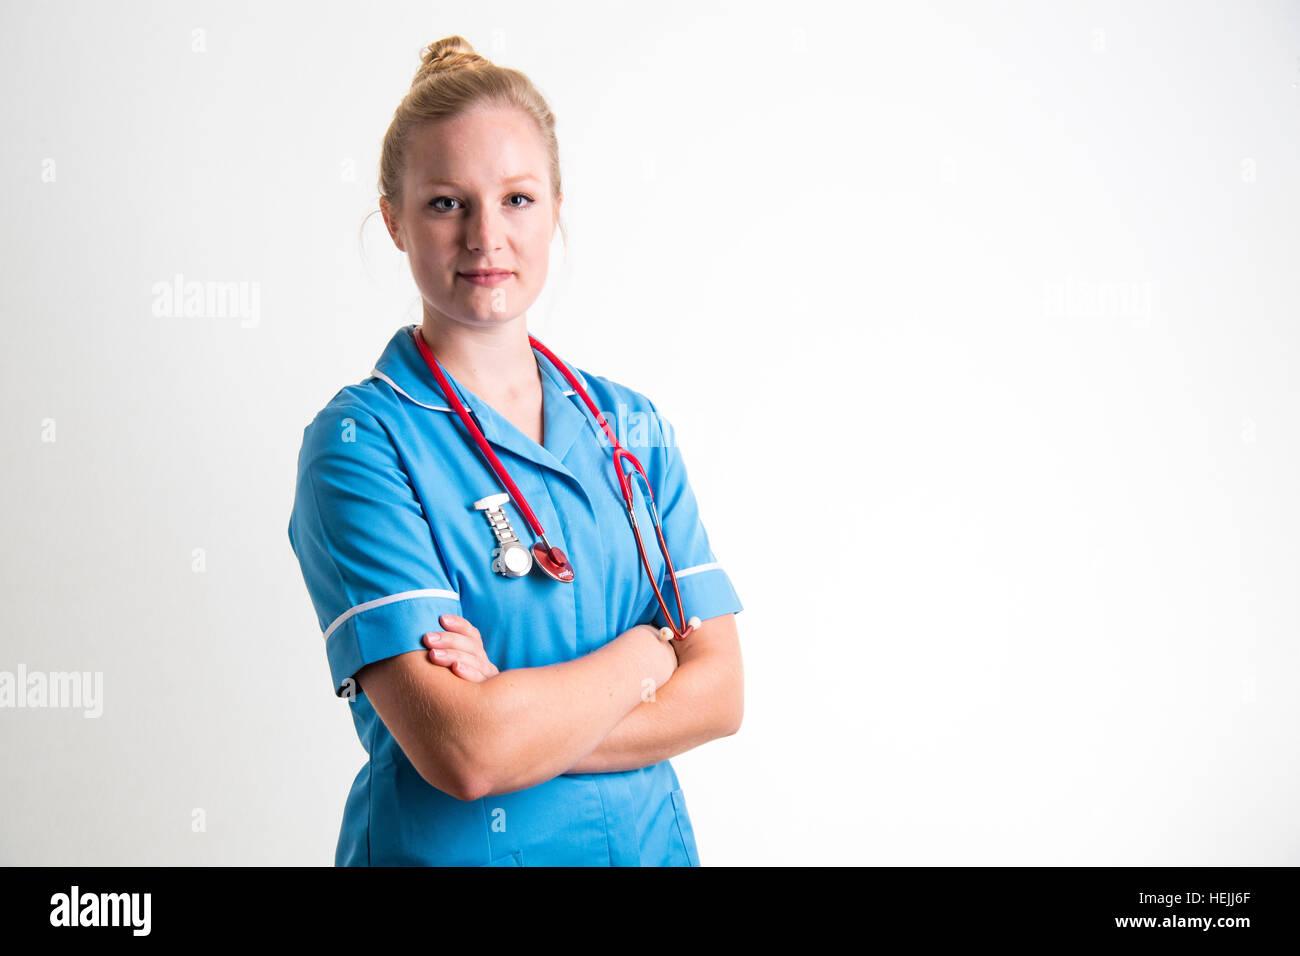 UK Health Care Professionals: A National Health Service (NHS) Frau Krankenschwester Stockbild